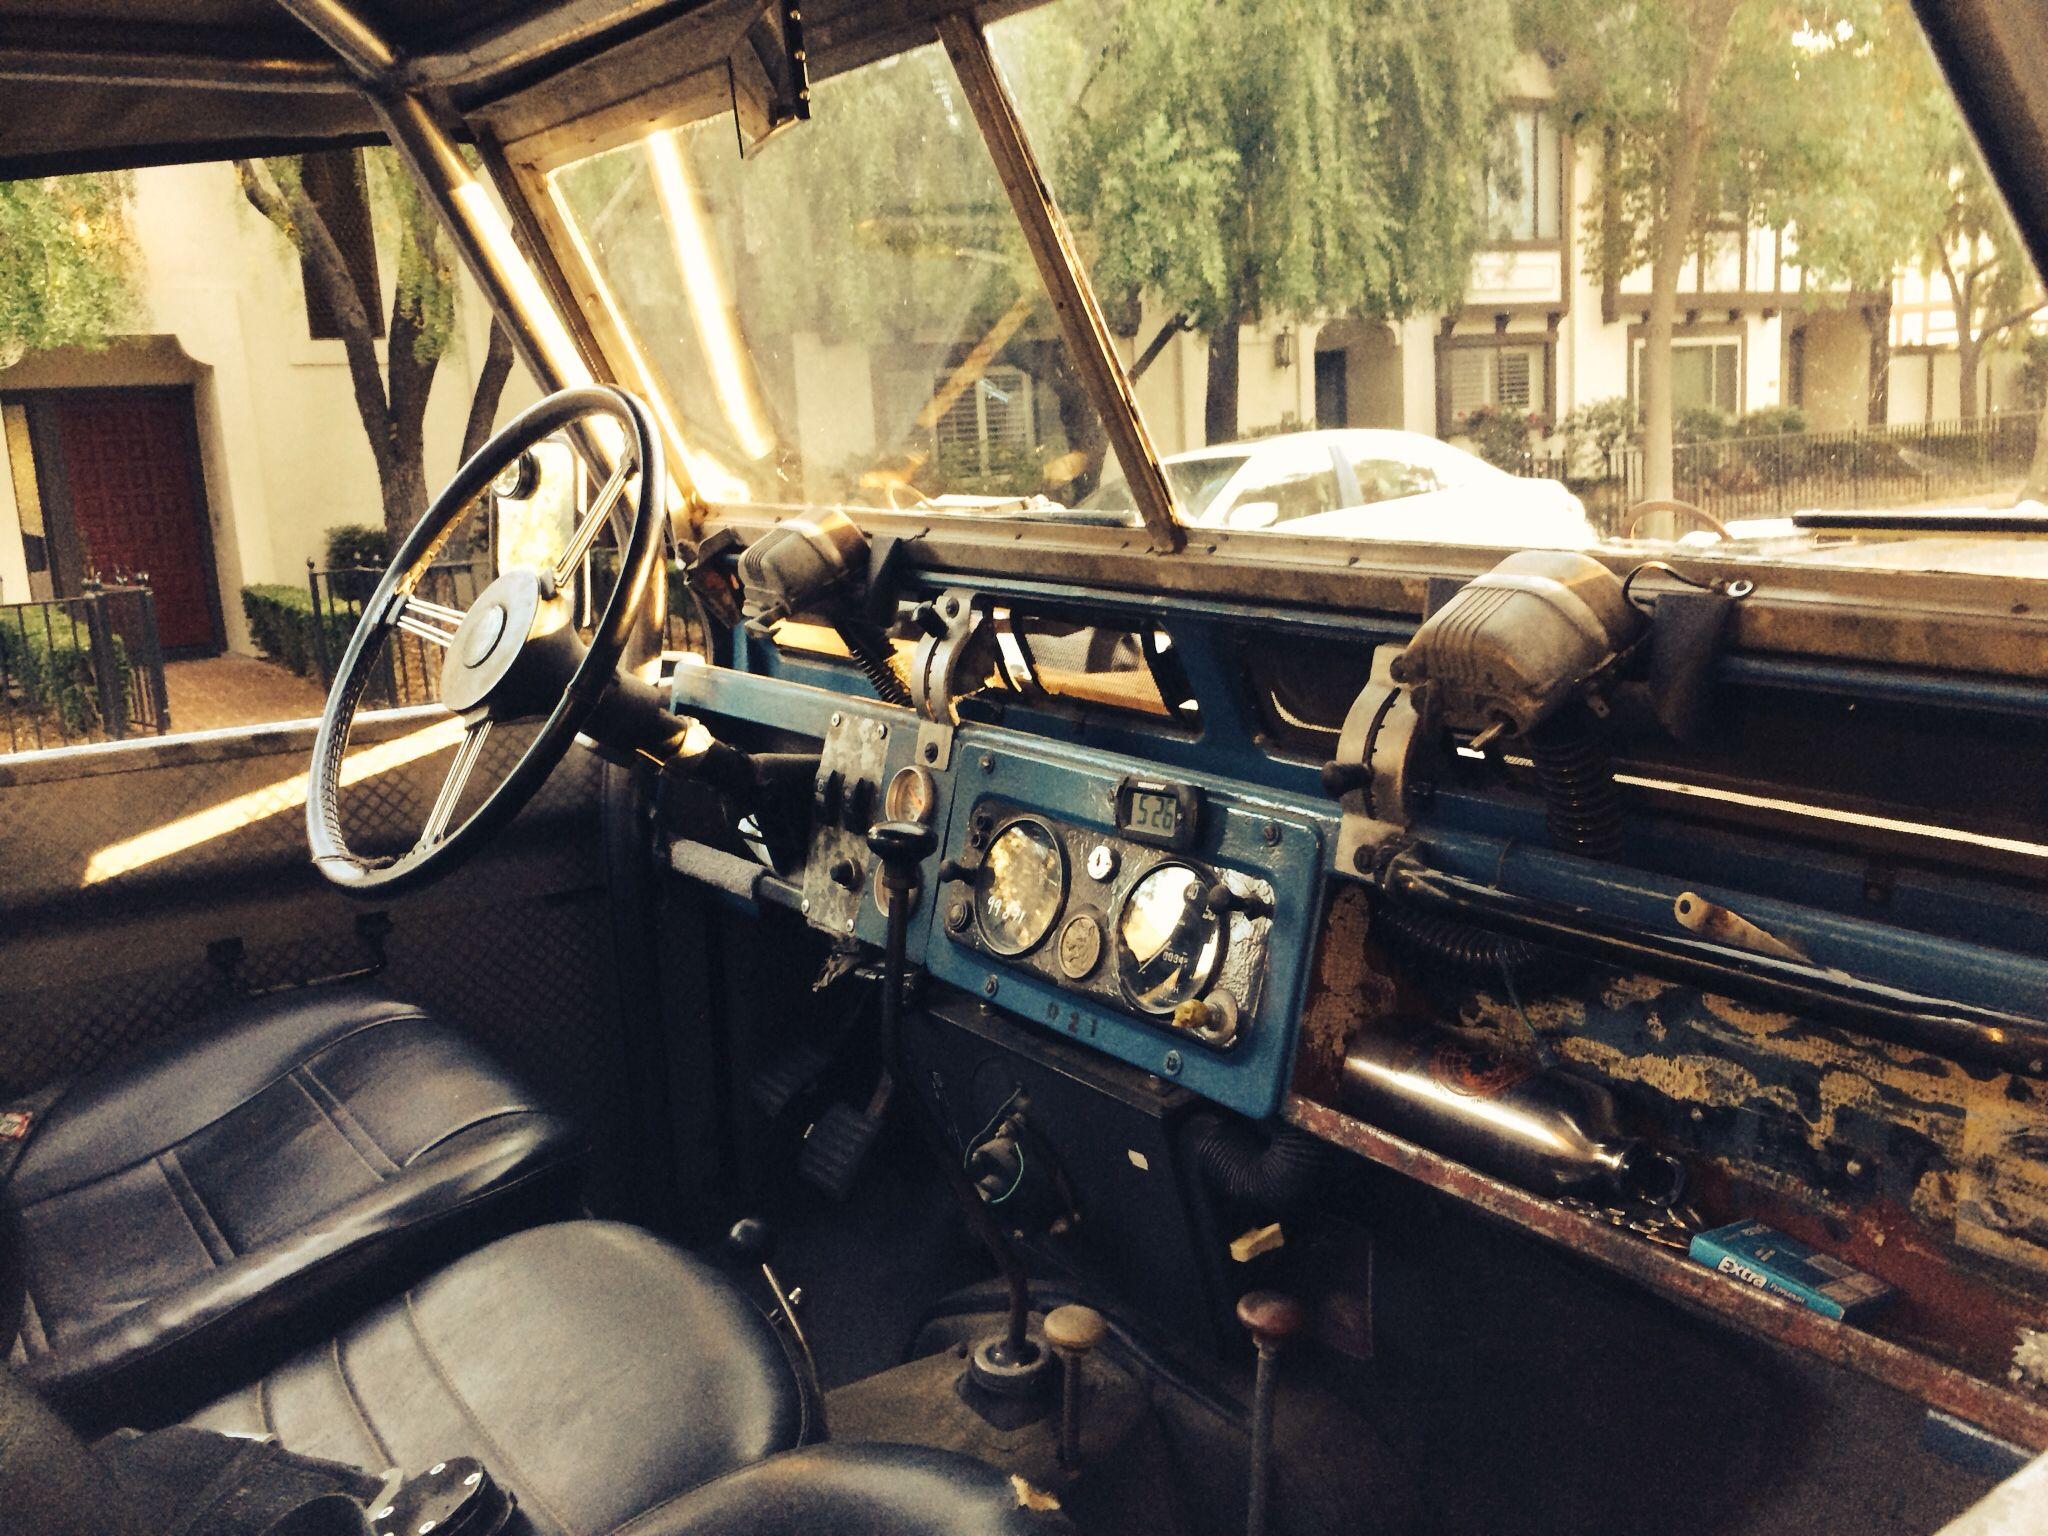 Land Rover Series II dash (こんな仕事場的な感じの運転席って味わいが有っていい)